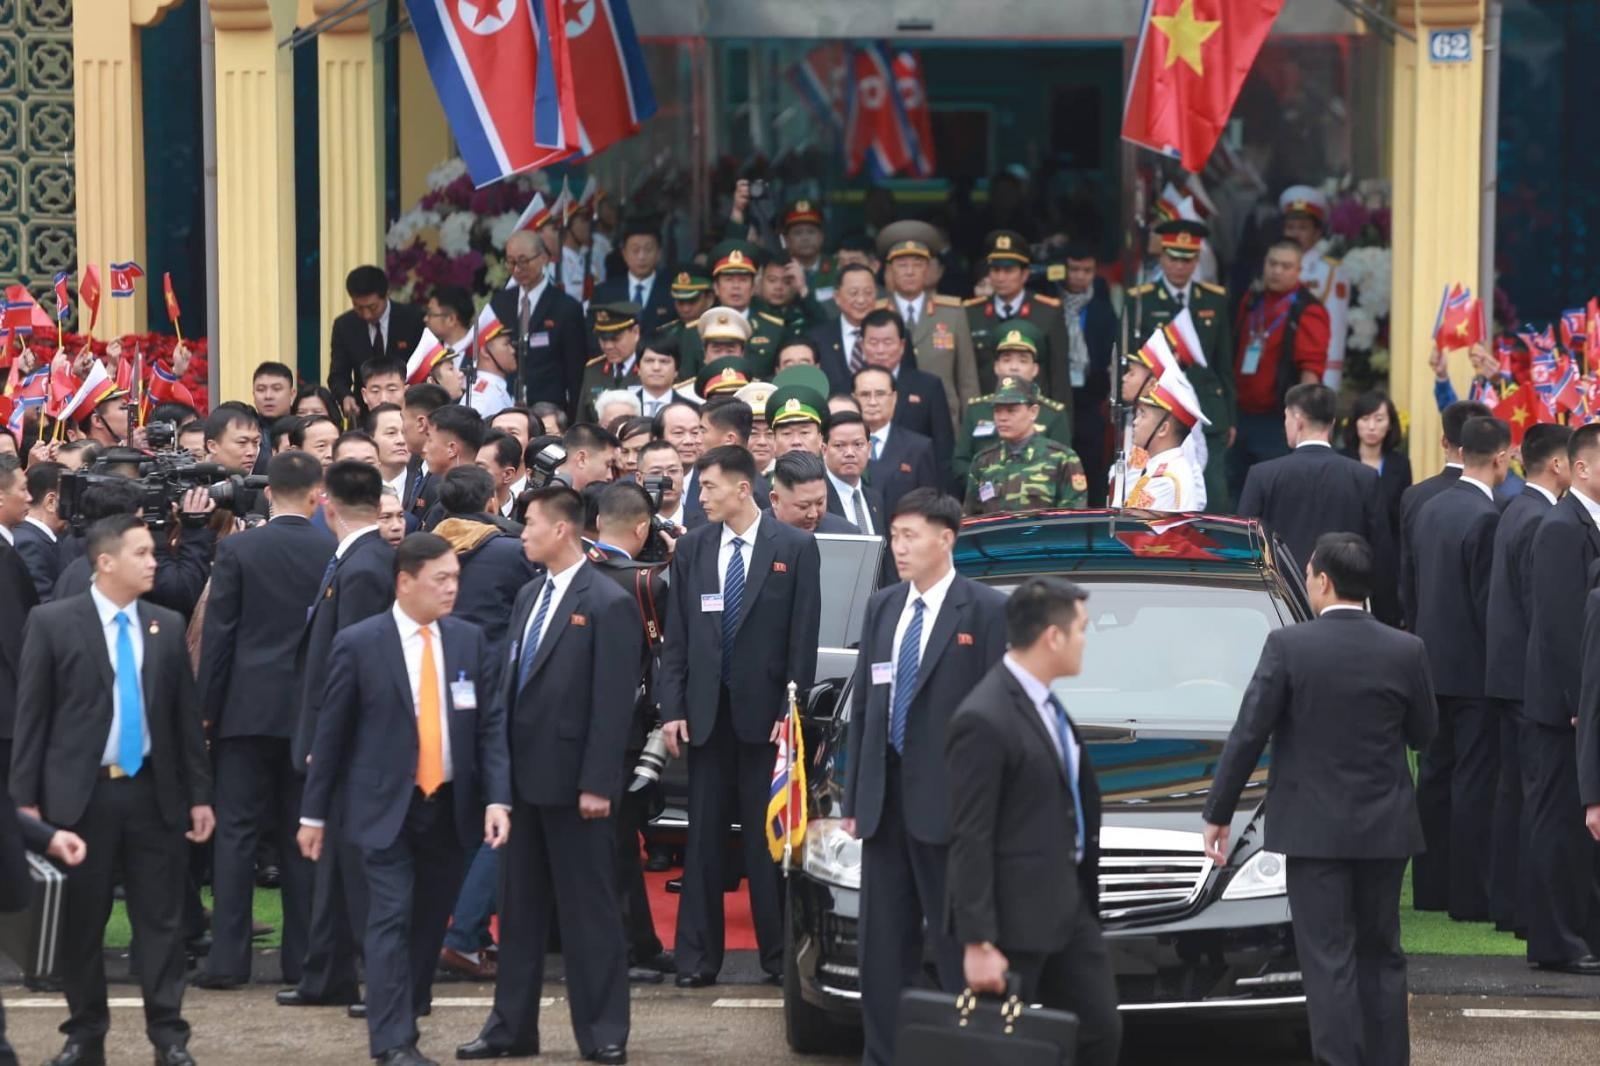 Rừng vệ sĩ bảo vệ cho Chủ tịch Triều Tiên đến chiếc xe bọc thép chống đạn Mercedes-Benz S600 Pullman Guard